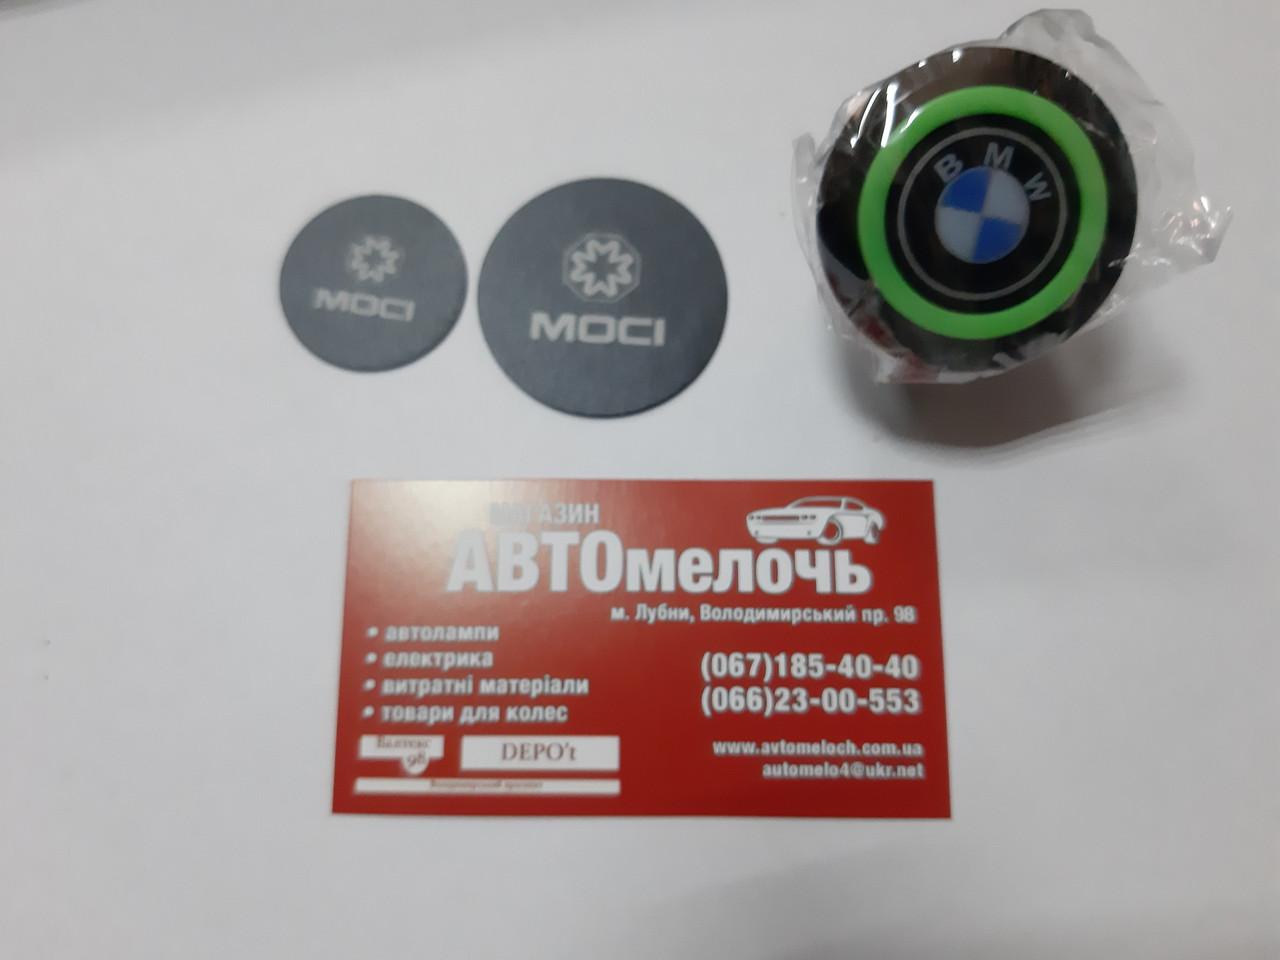 Держатель-подставка телефона магнитный на ножке (двухсторонний скотч) BMW пр-во Moci